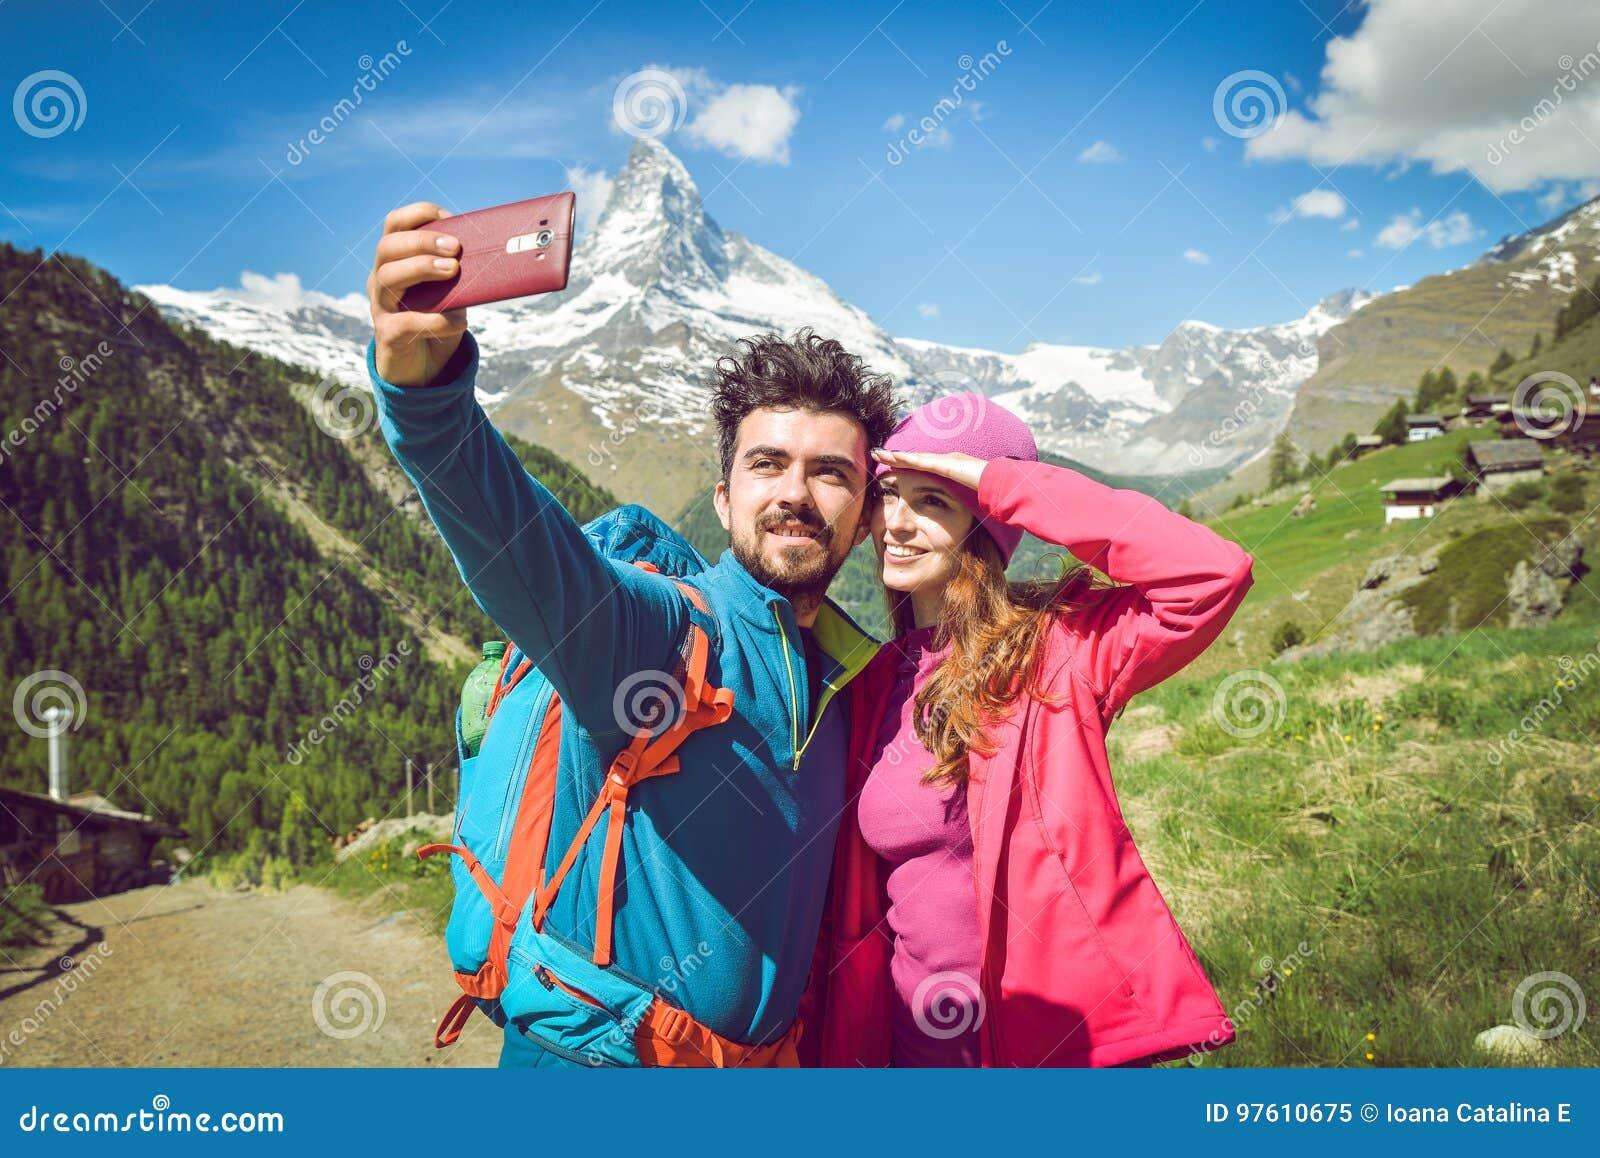 Fotvandrare för ett par som fotvandrar med ryggsäckar, promenerar ett härligt bergområde